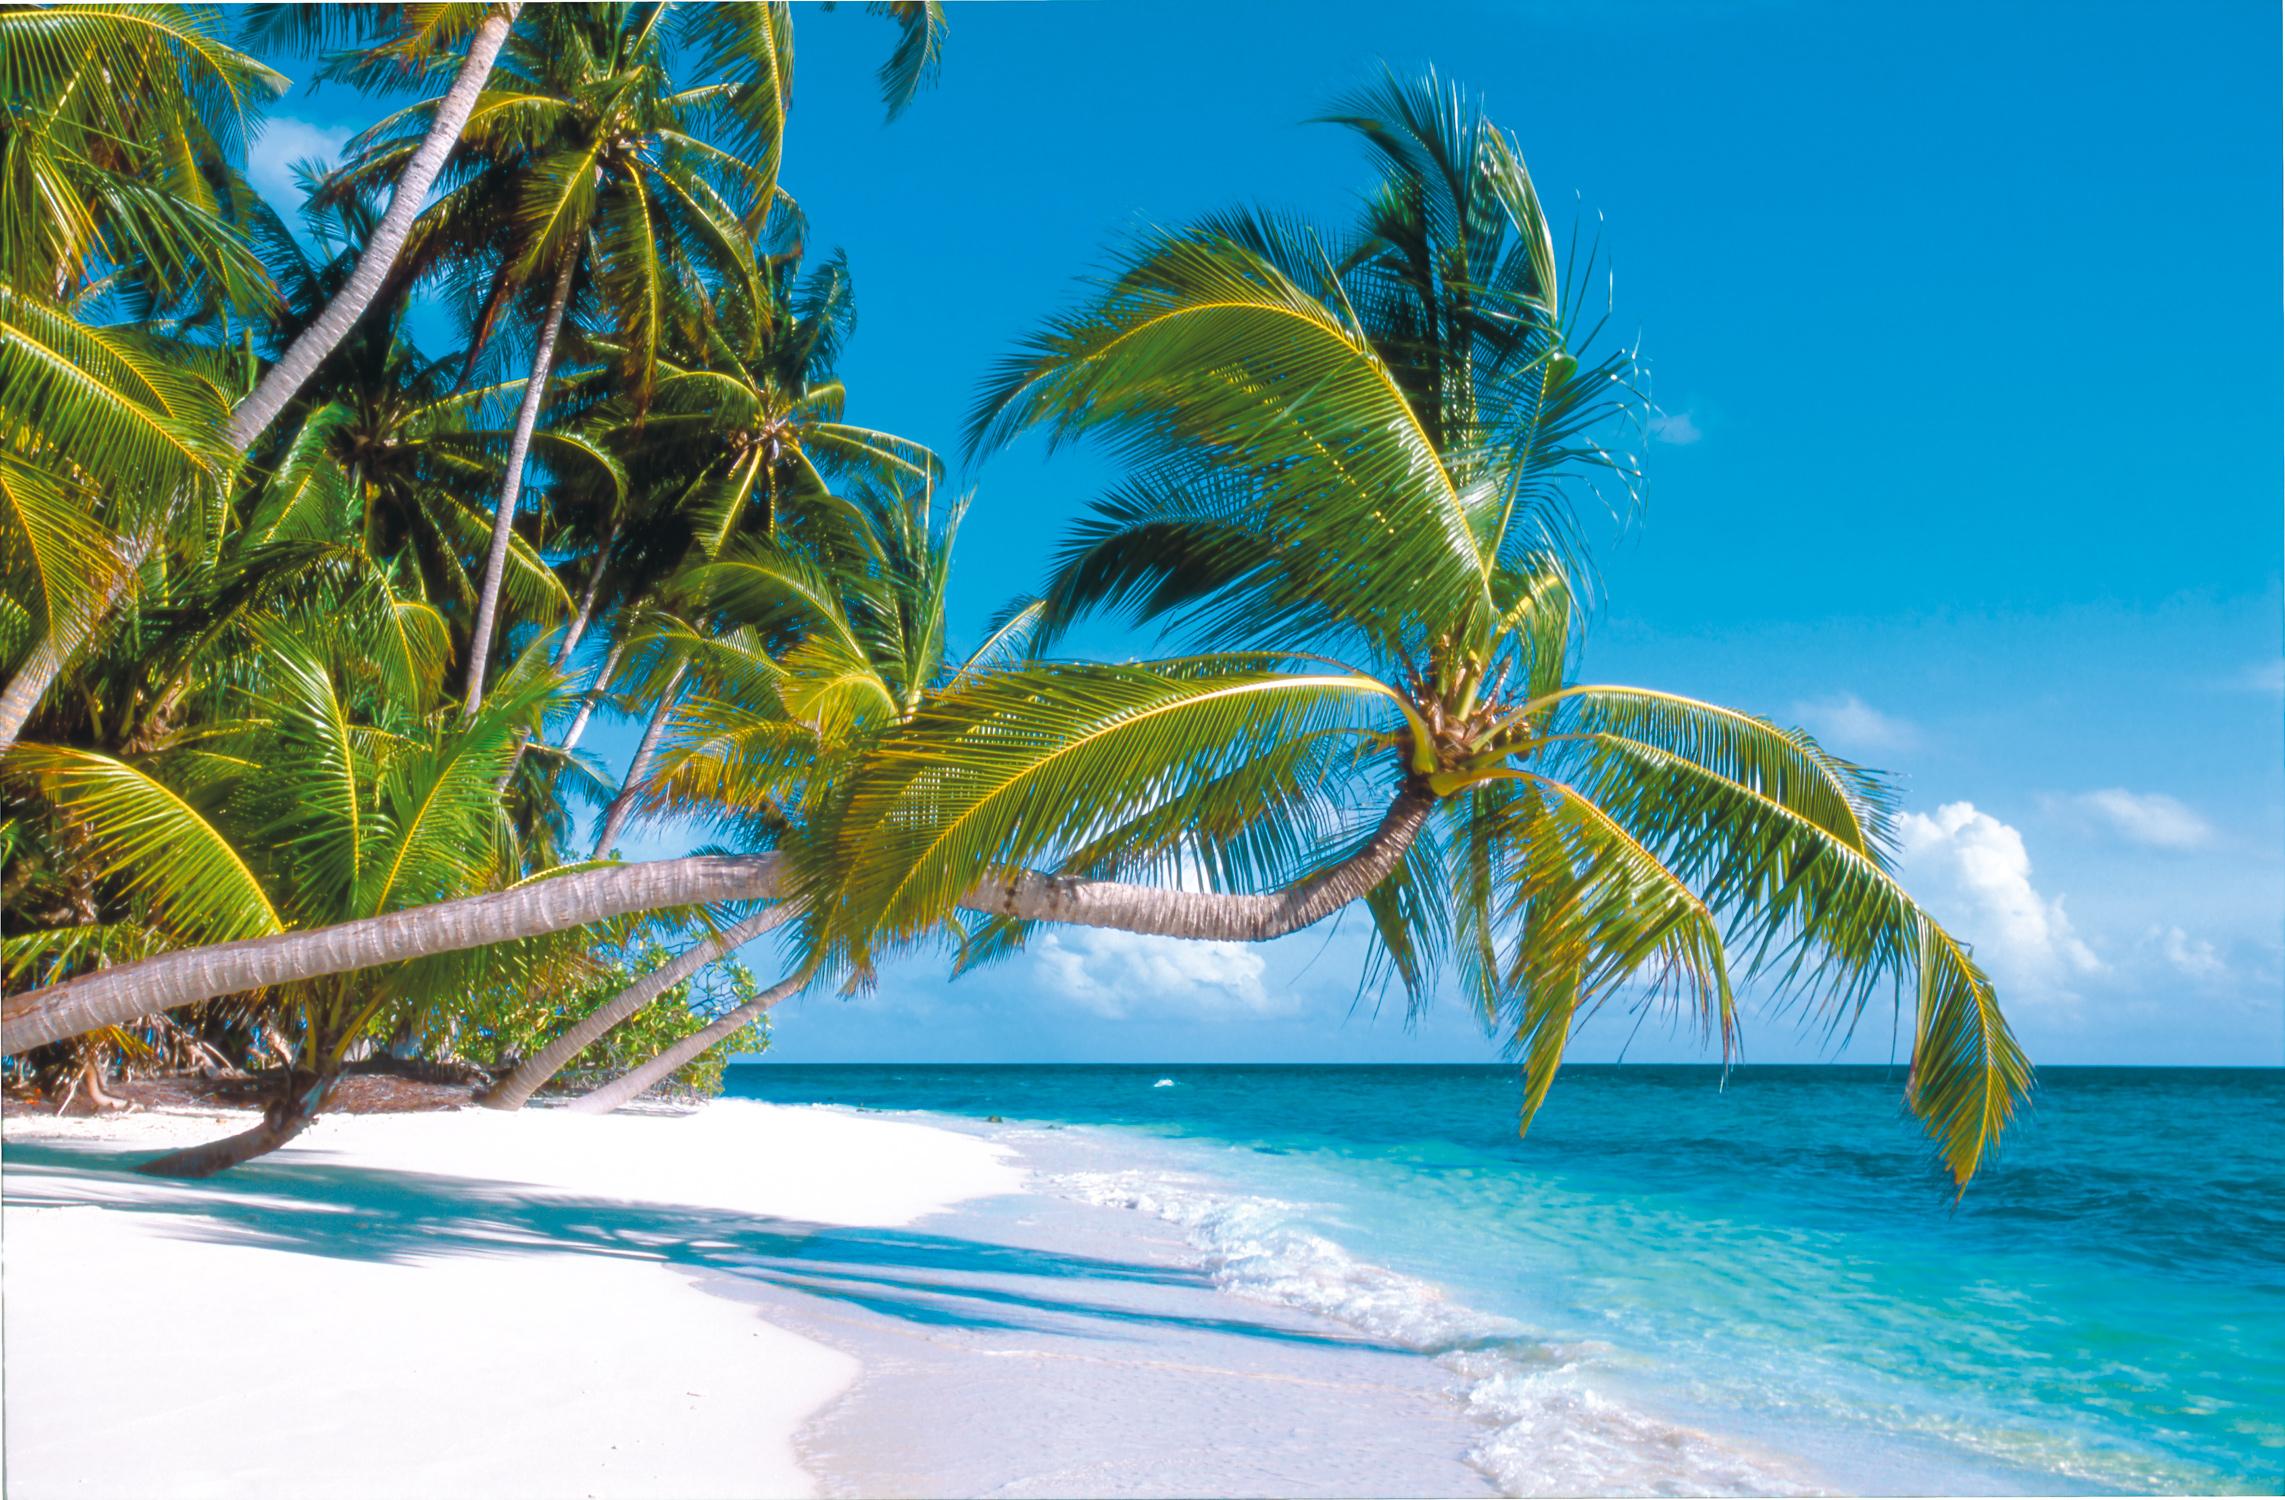 Seychellenstrand - Paradies an der Wand  DrNice